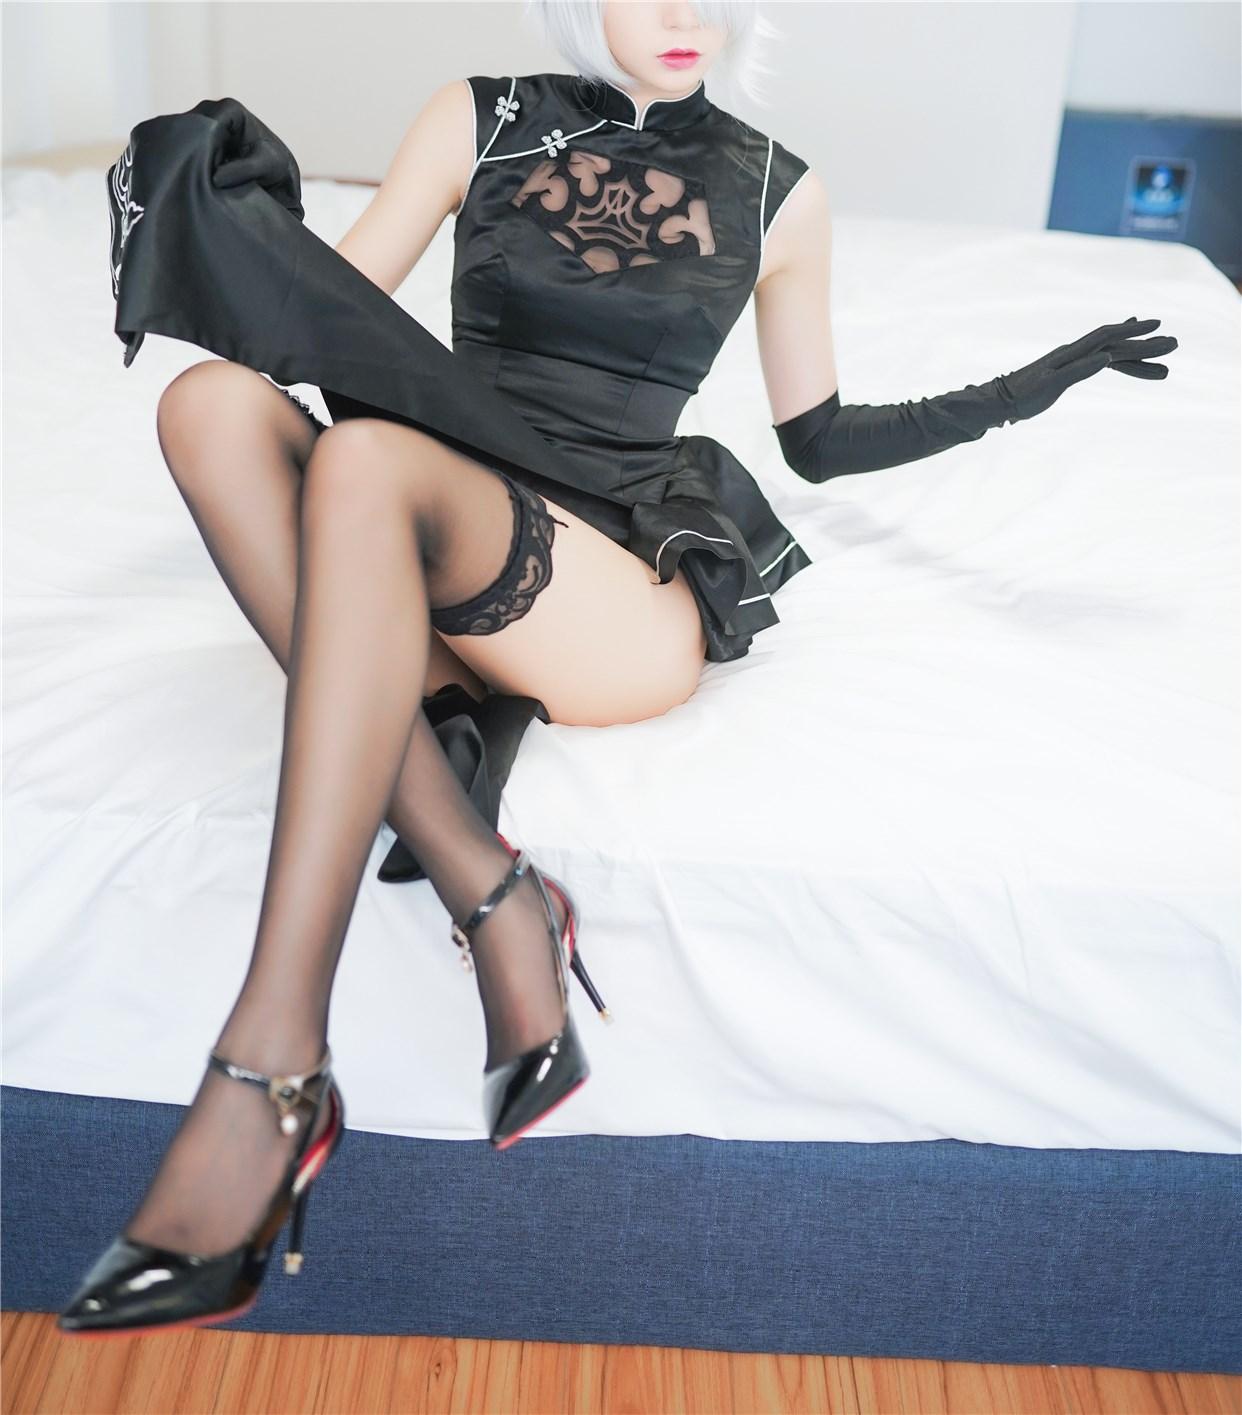 【兔玩映画】旗袍小姐姐好腿! 兔玩映画 第30张